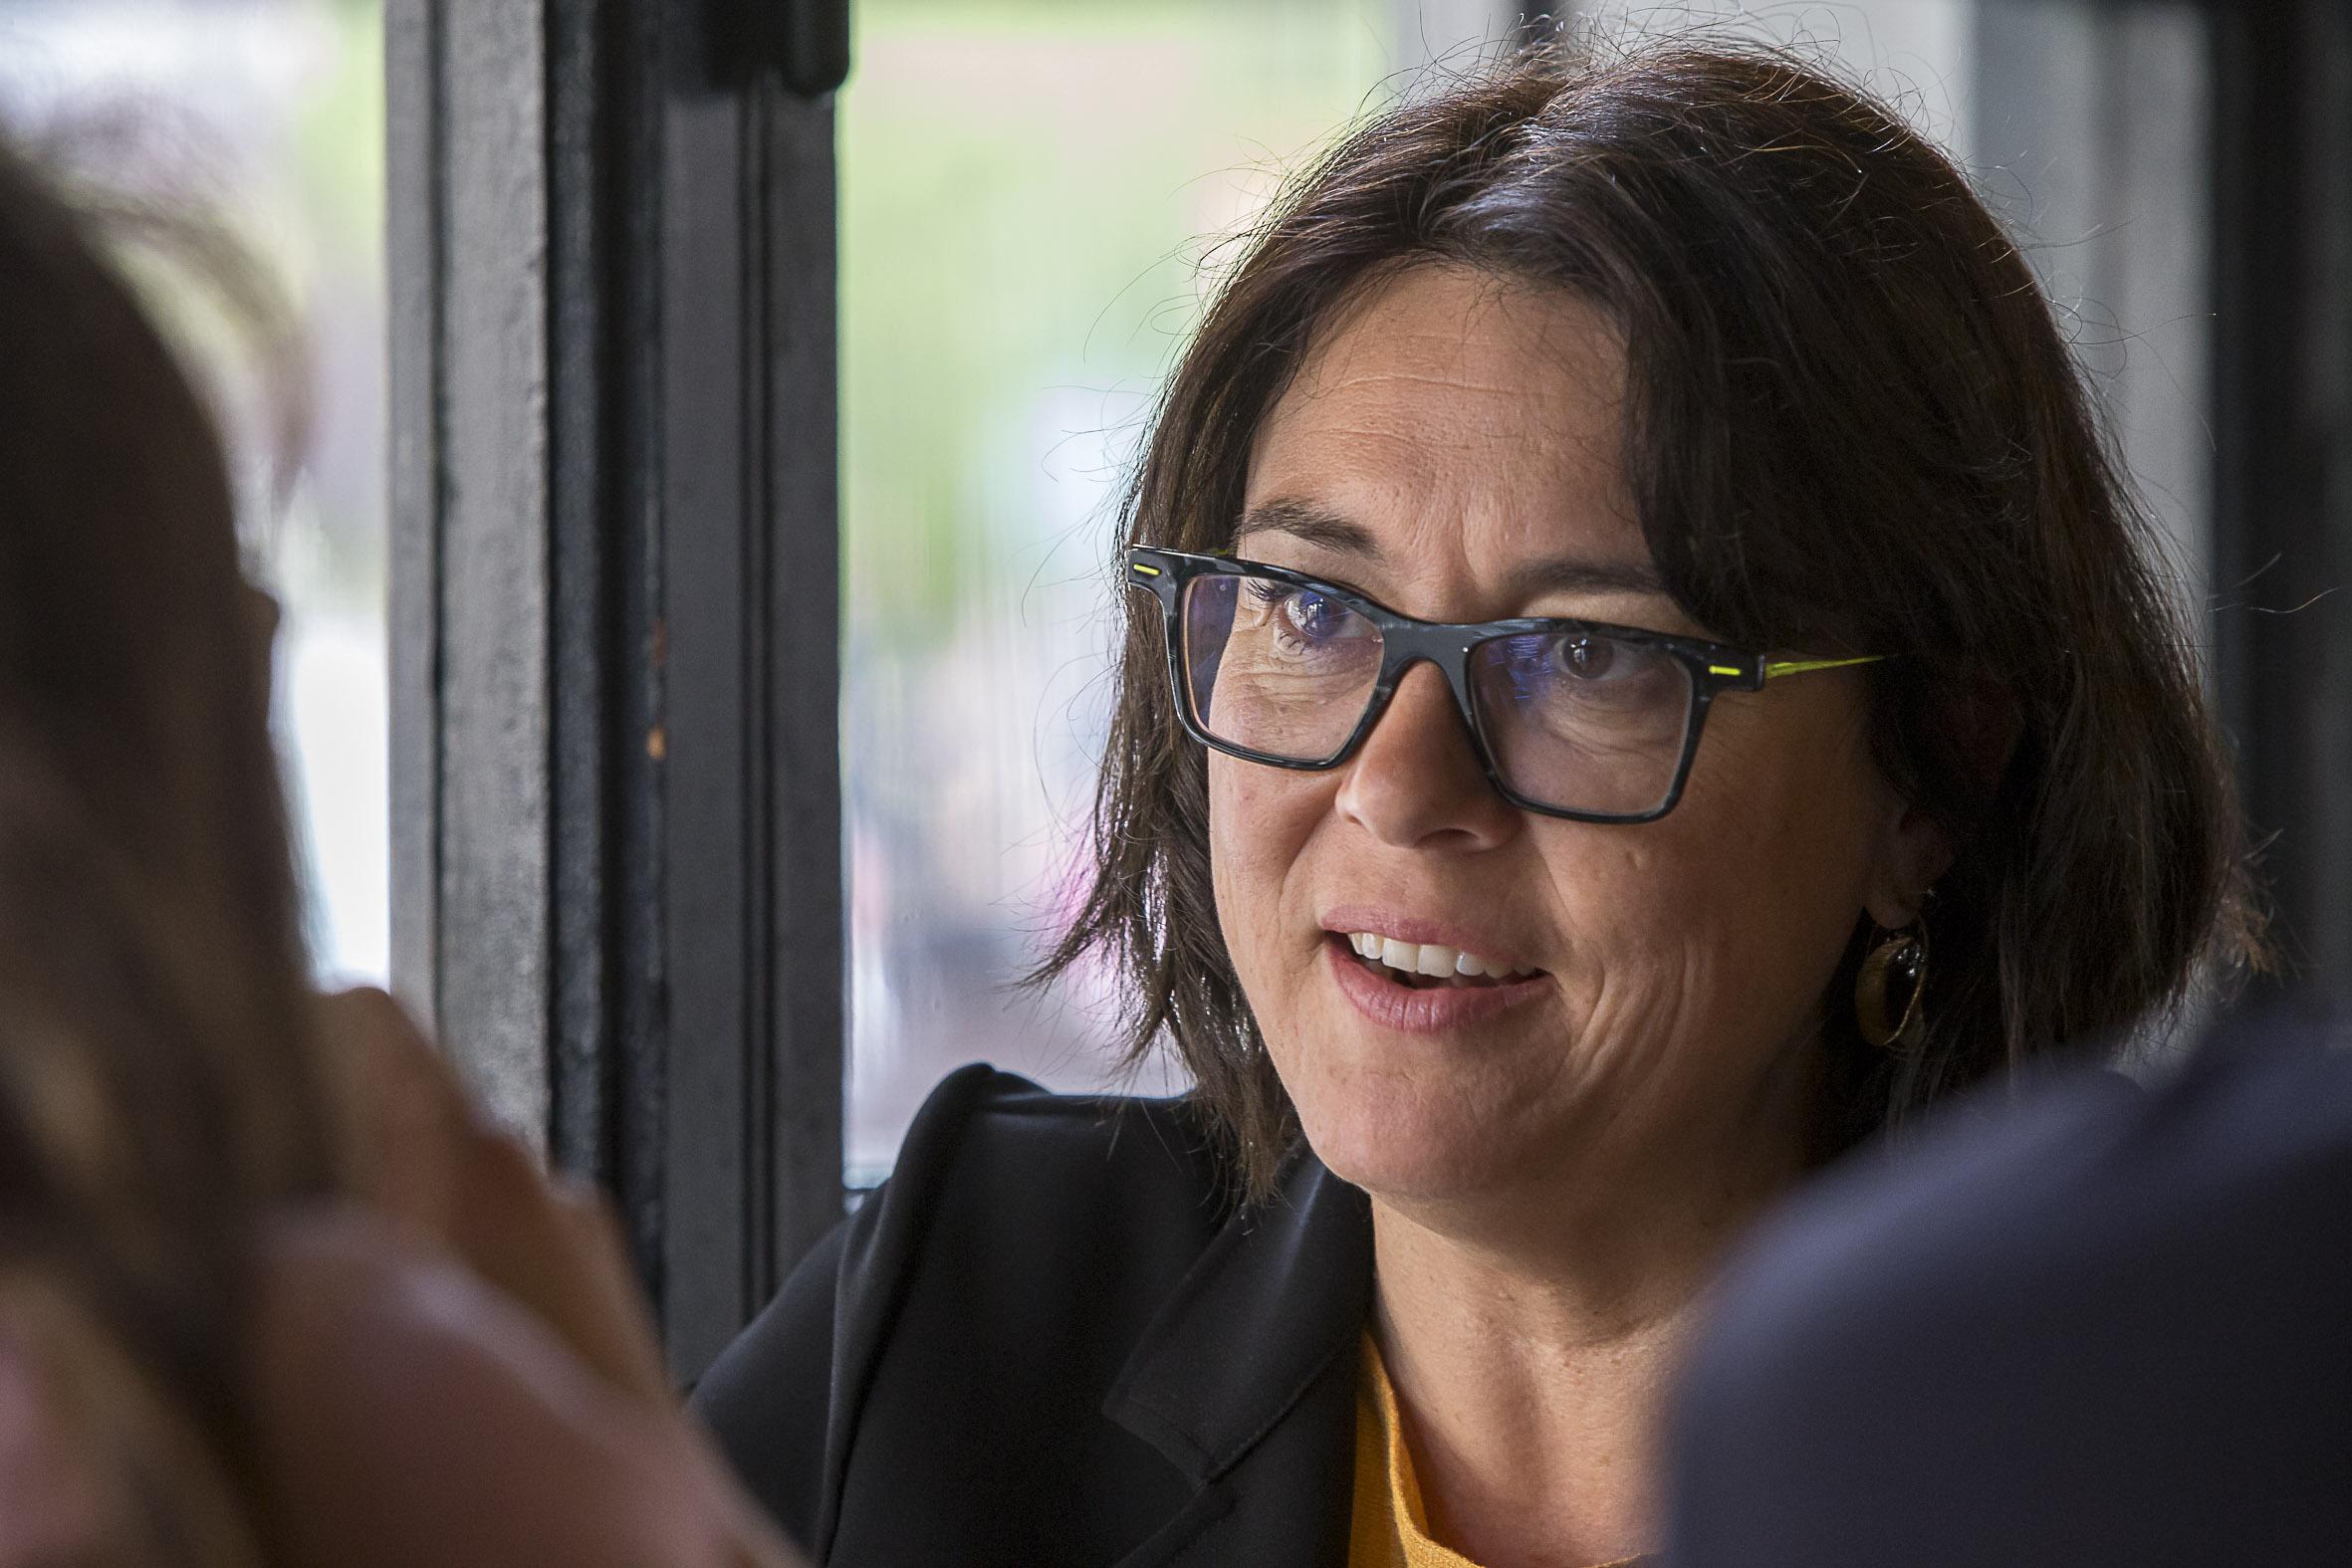 """Riba demana a la UE reforçar el suport contra la violència de gènere davant un """"possible augment"""" durant el confinament"""